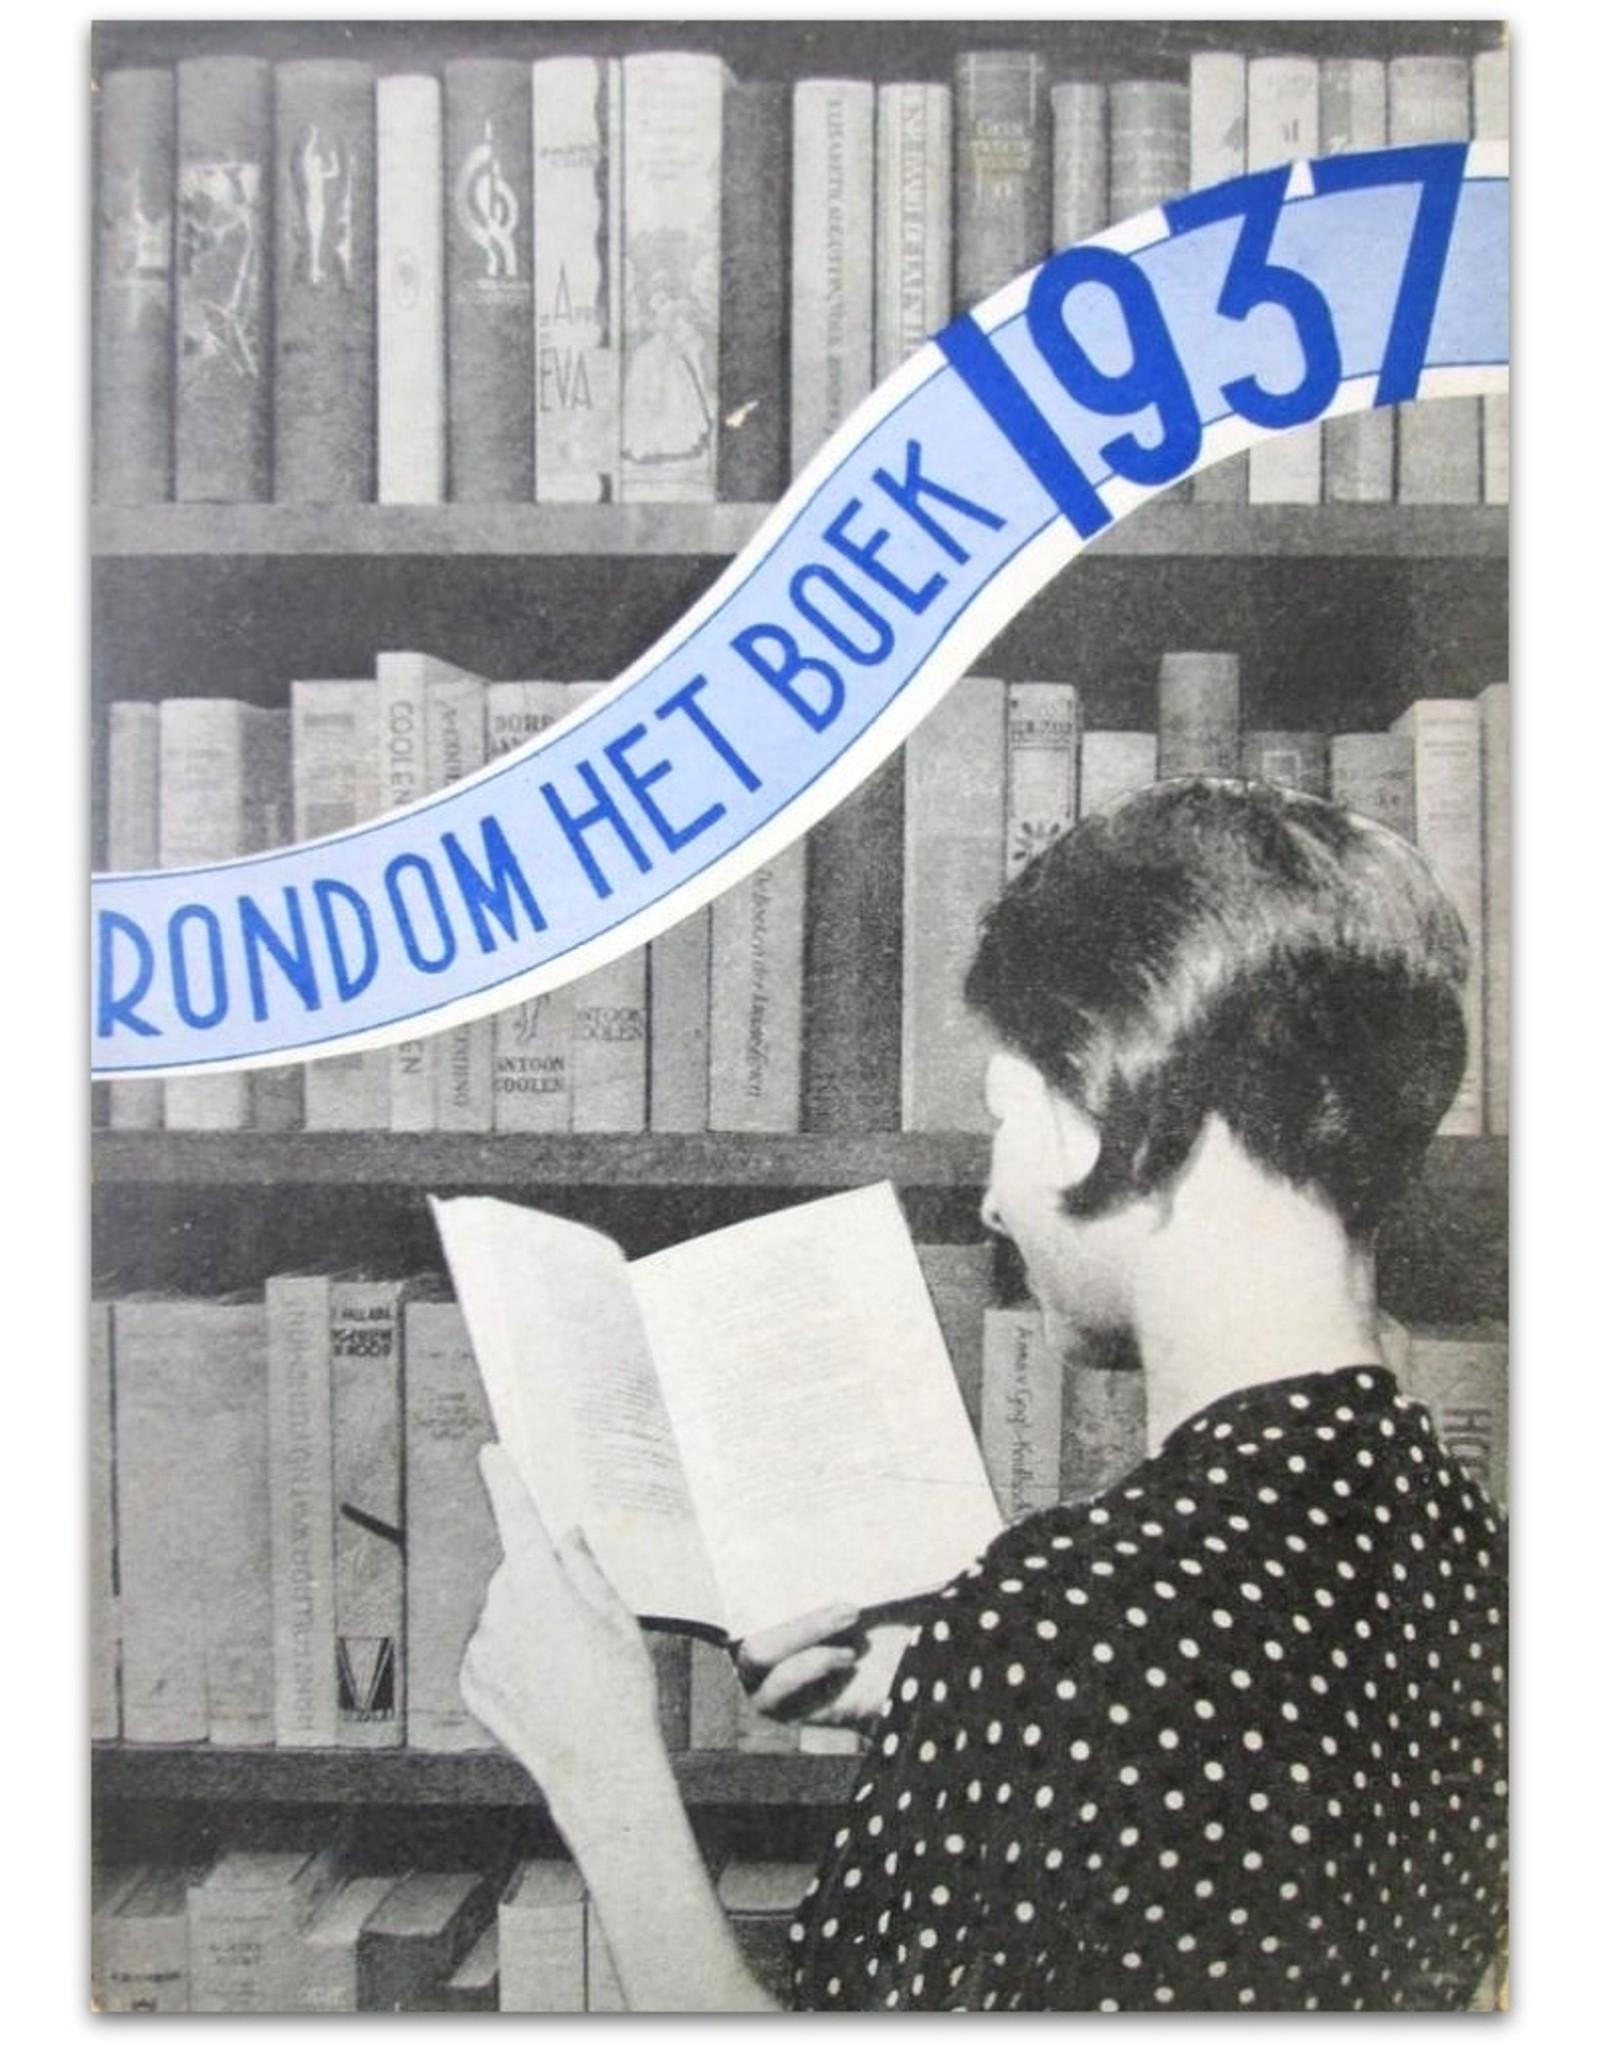 Mr. E. Elias - Rondom het boek 1937: Geschenk ter gelegenheid van de Nederlandsche Boekenweek